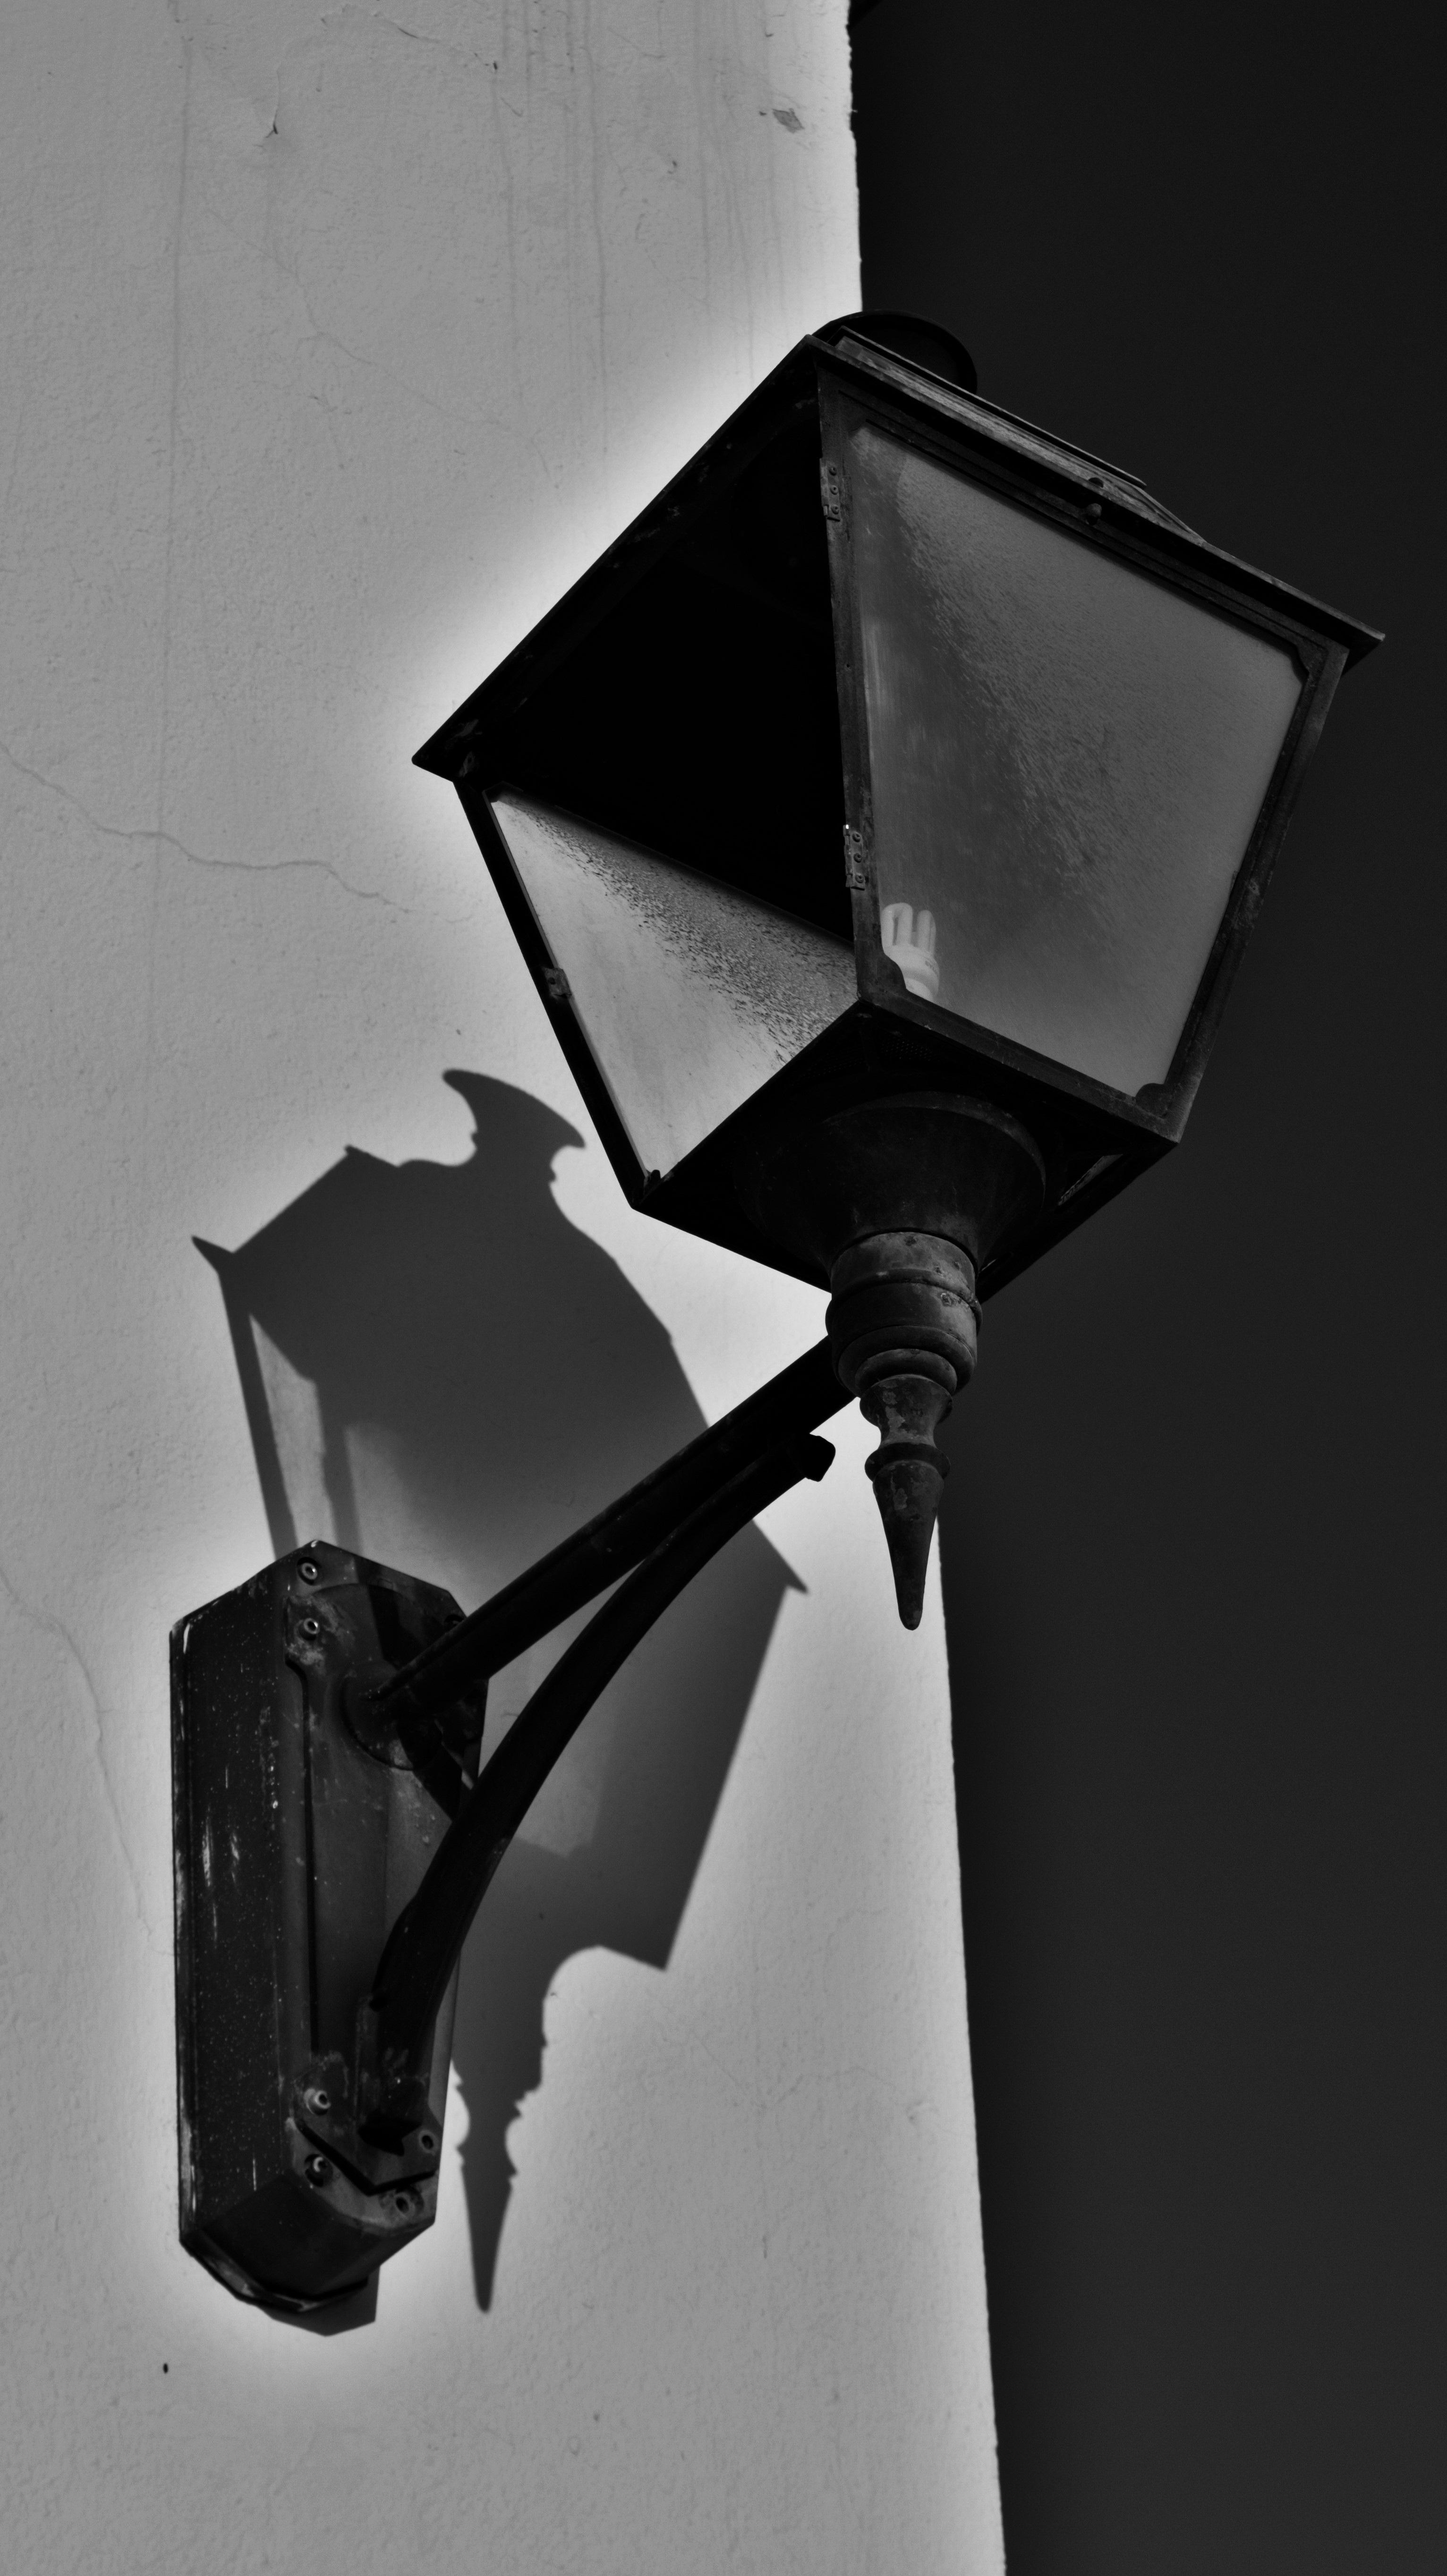 Hình ảnh ánh Sáng đen Và Trắng Nhiếp ảnh Màu Xám Bóng